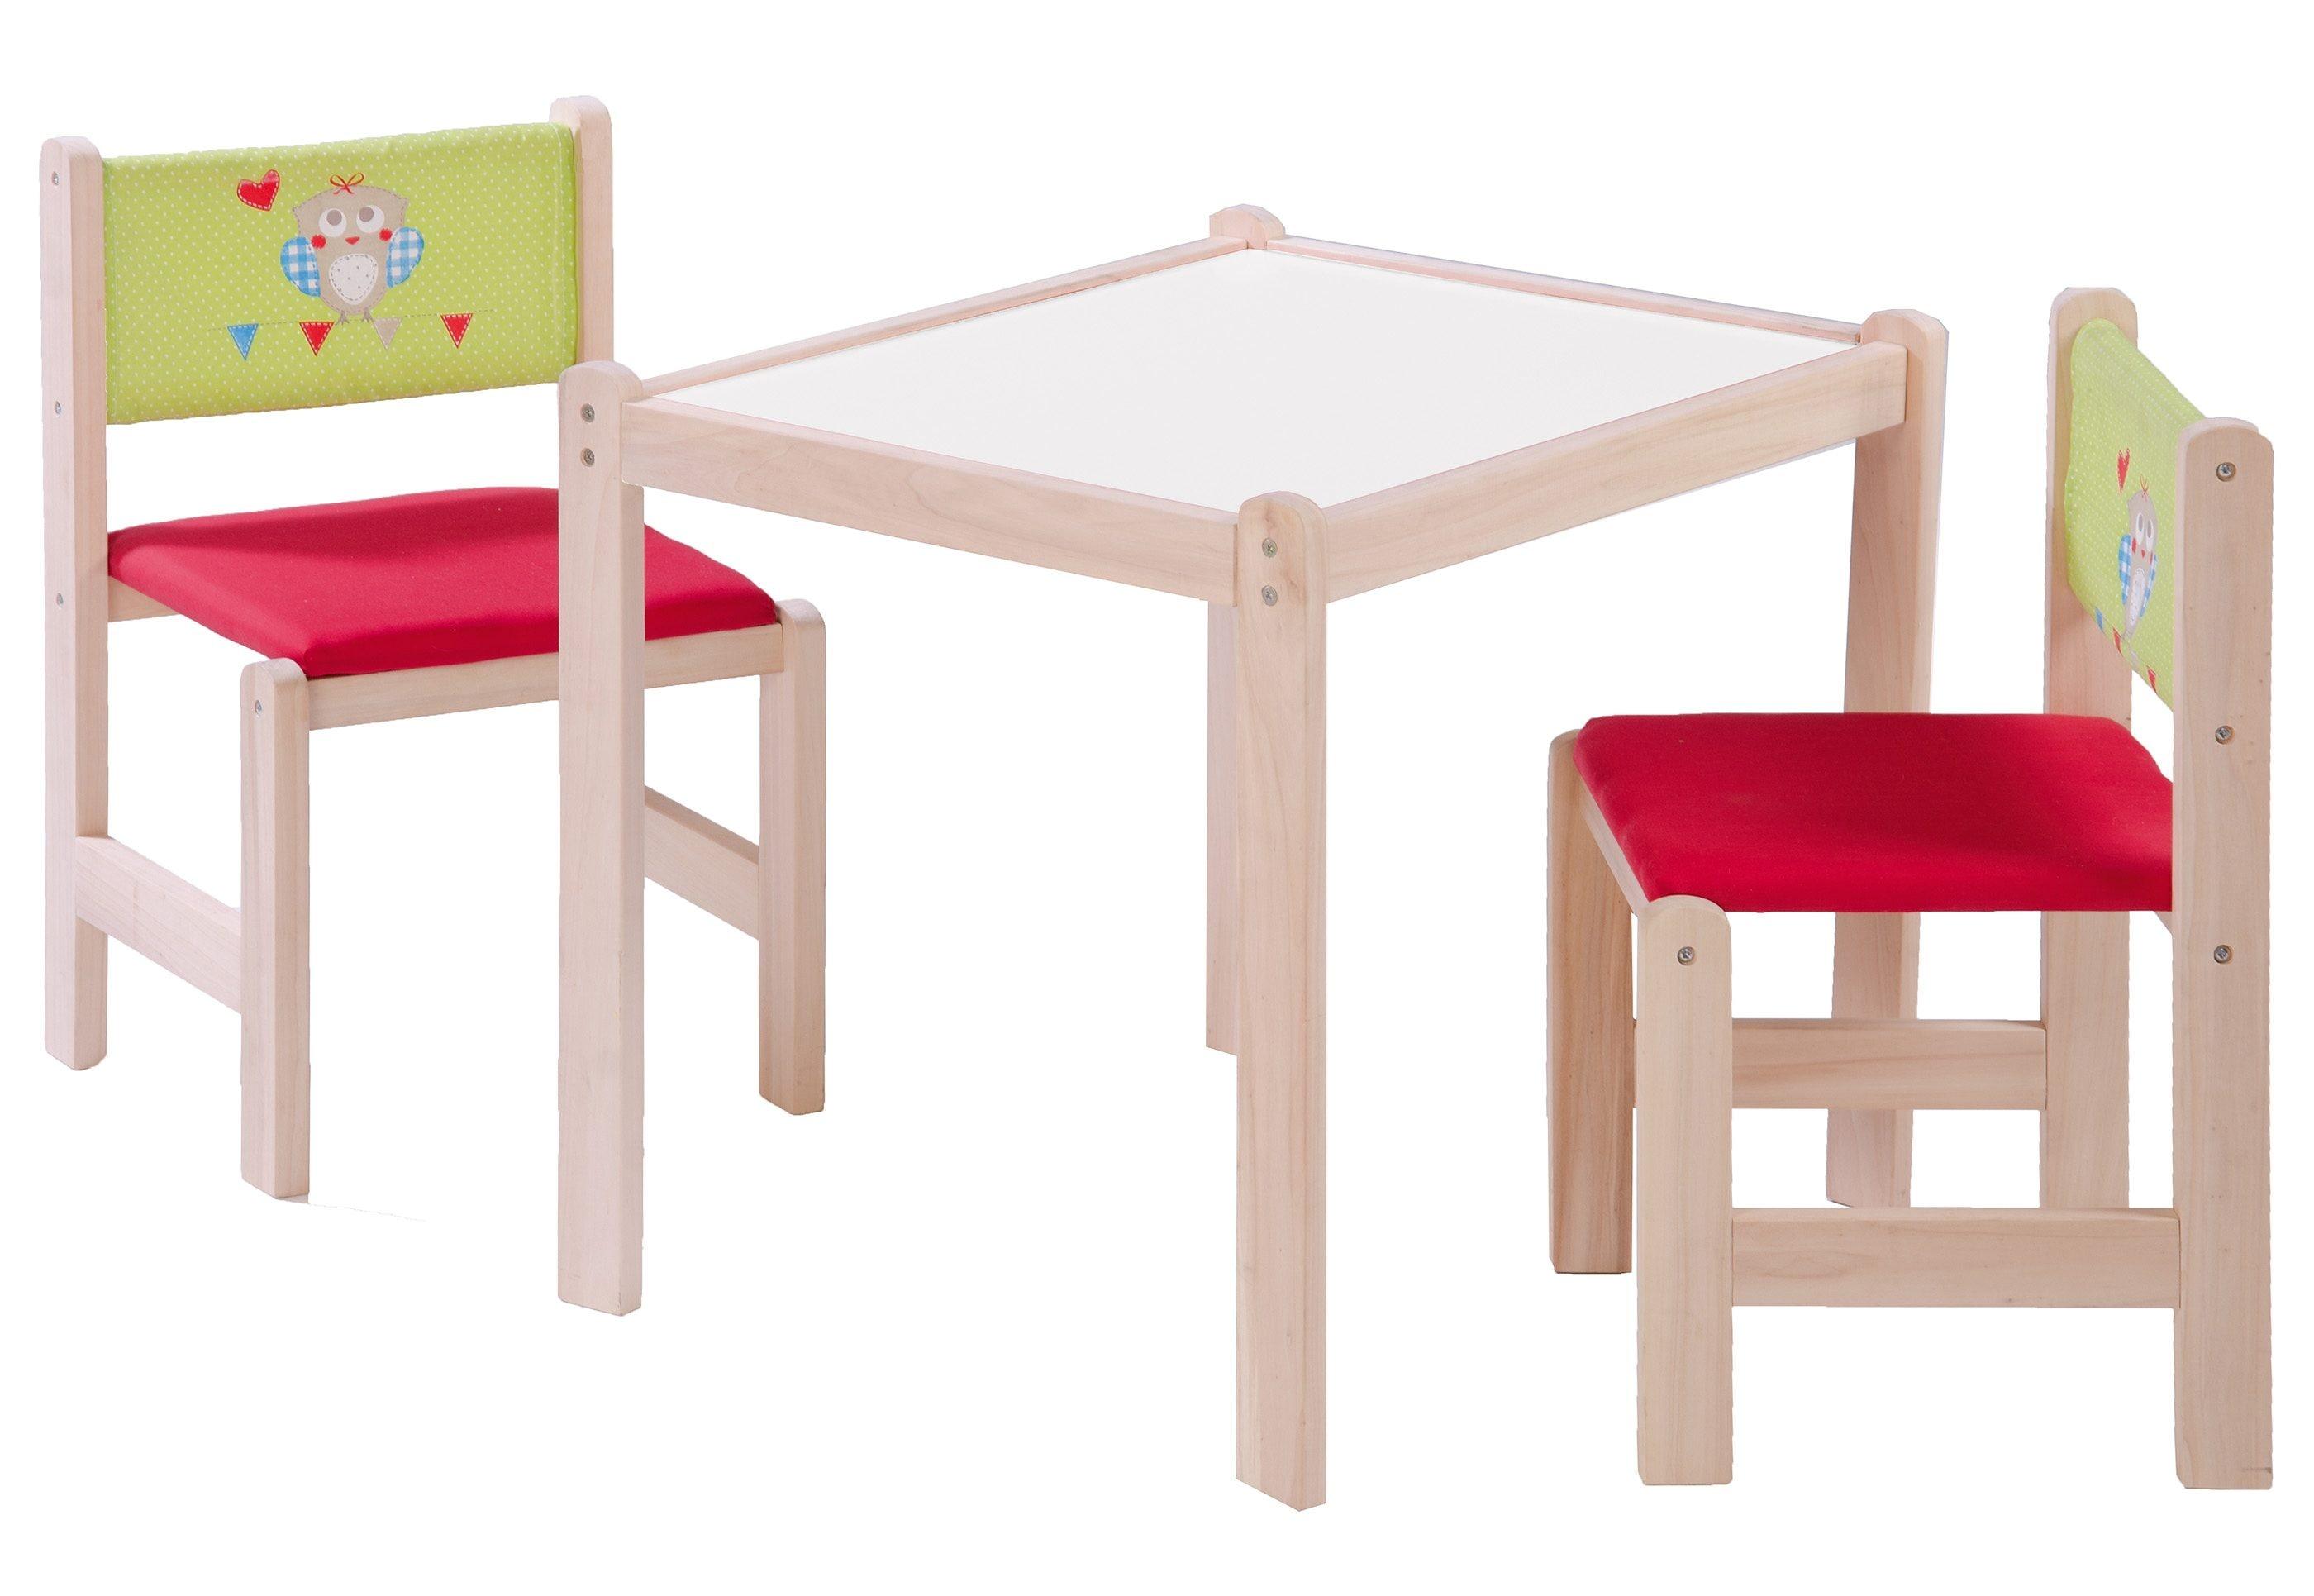 Roba Kindersitzgruppe Waldhochzeit (3-tlg) Technik & Freizeit/Spielzeug/Holzspielzeug